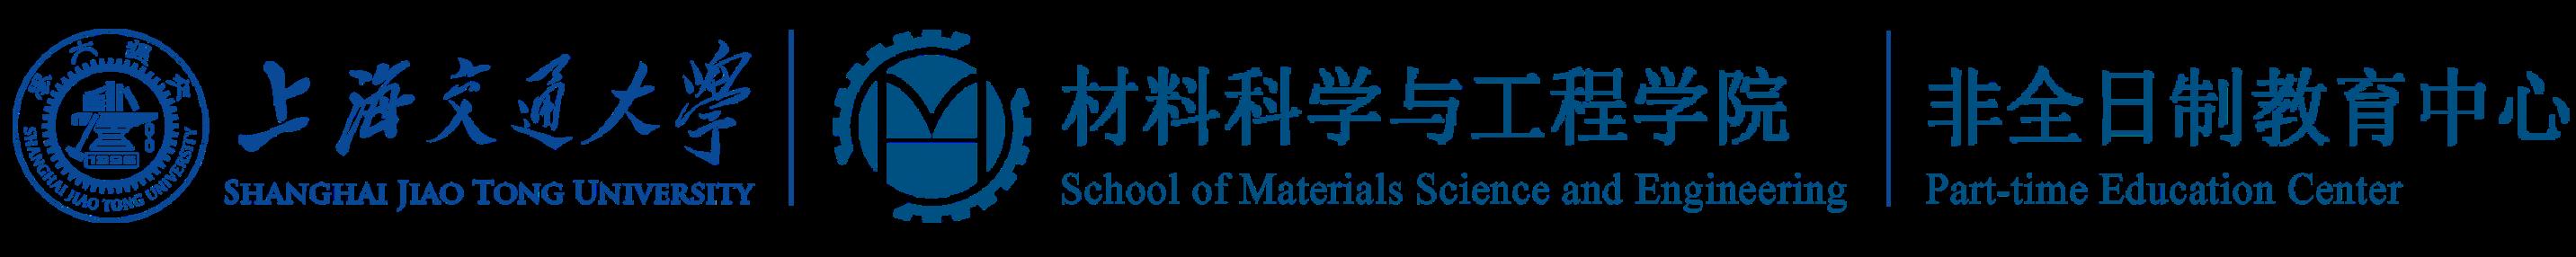 上海交通大学材料科学与工程学院非全日制教育中心